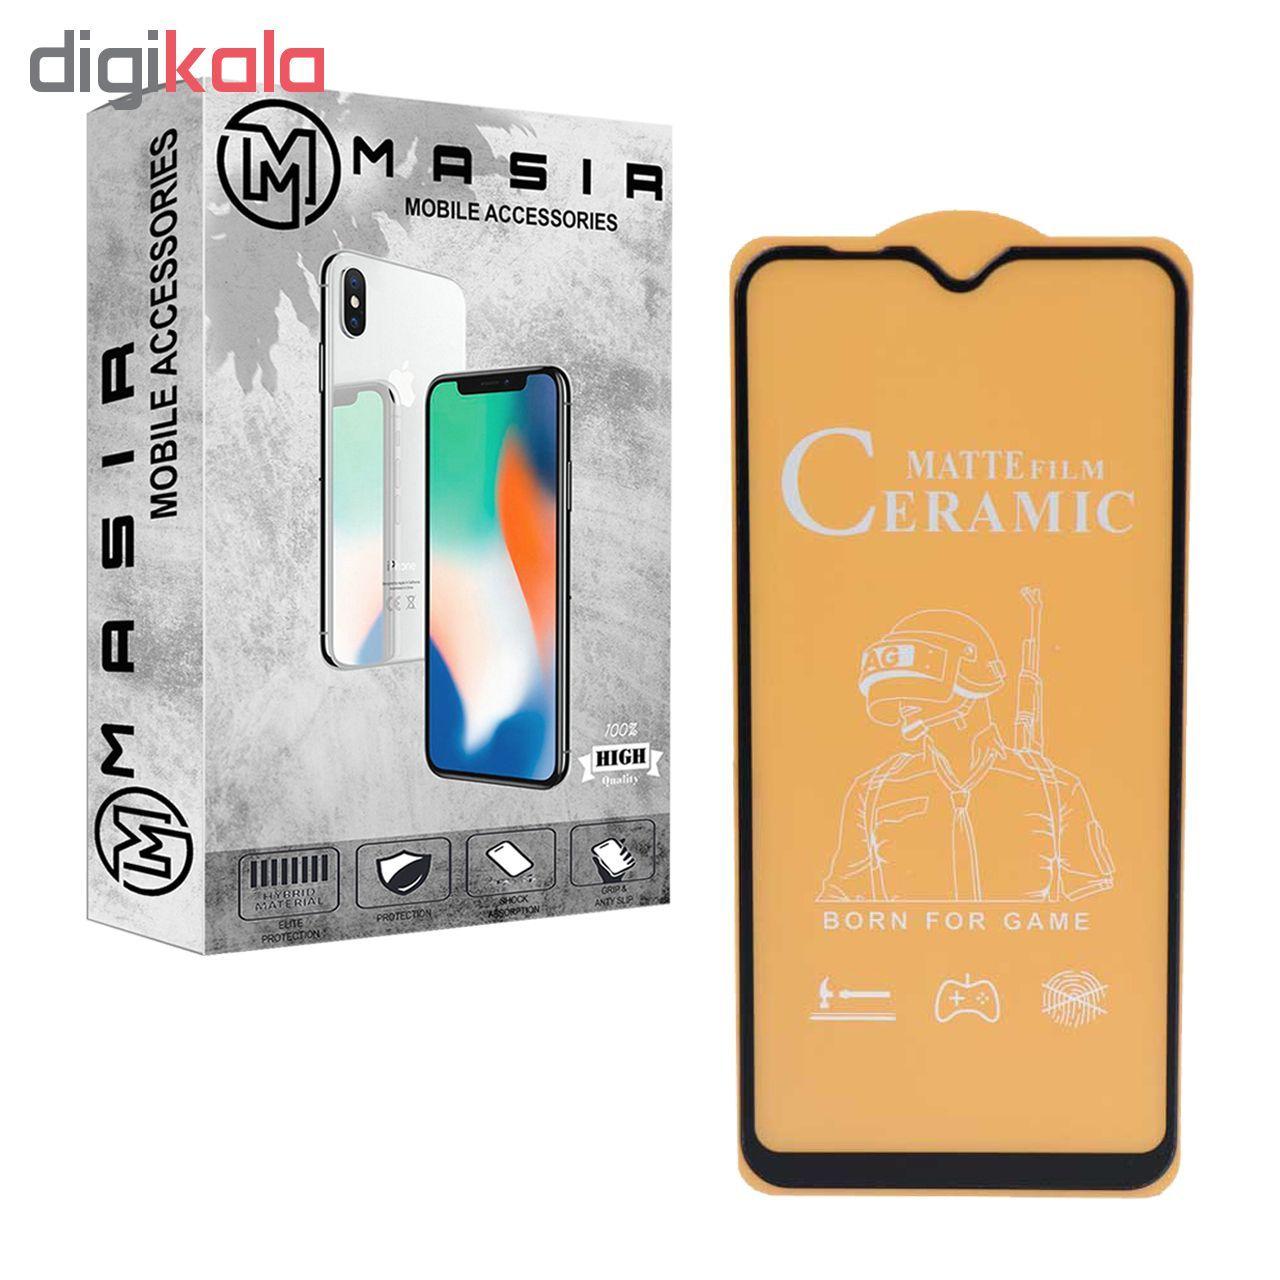 محافظ صفحه نمایش مات مسیر مدل MCRMCM-1 مناسب برای گوشی موبایل شیائومی Redmi Note 8 Pro main 1 2